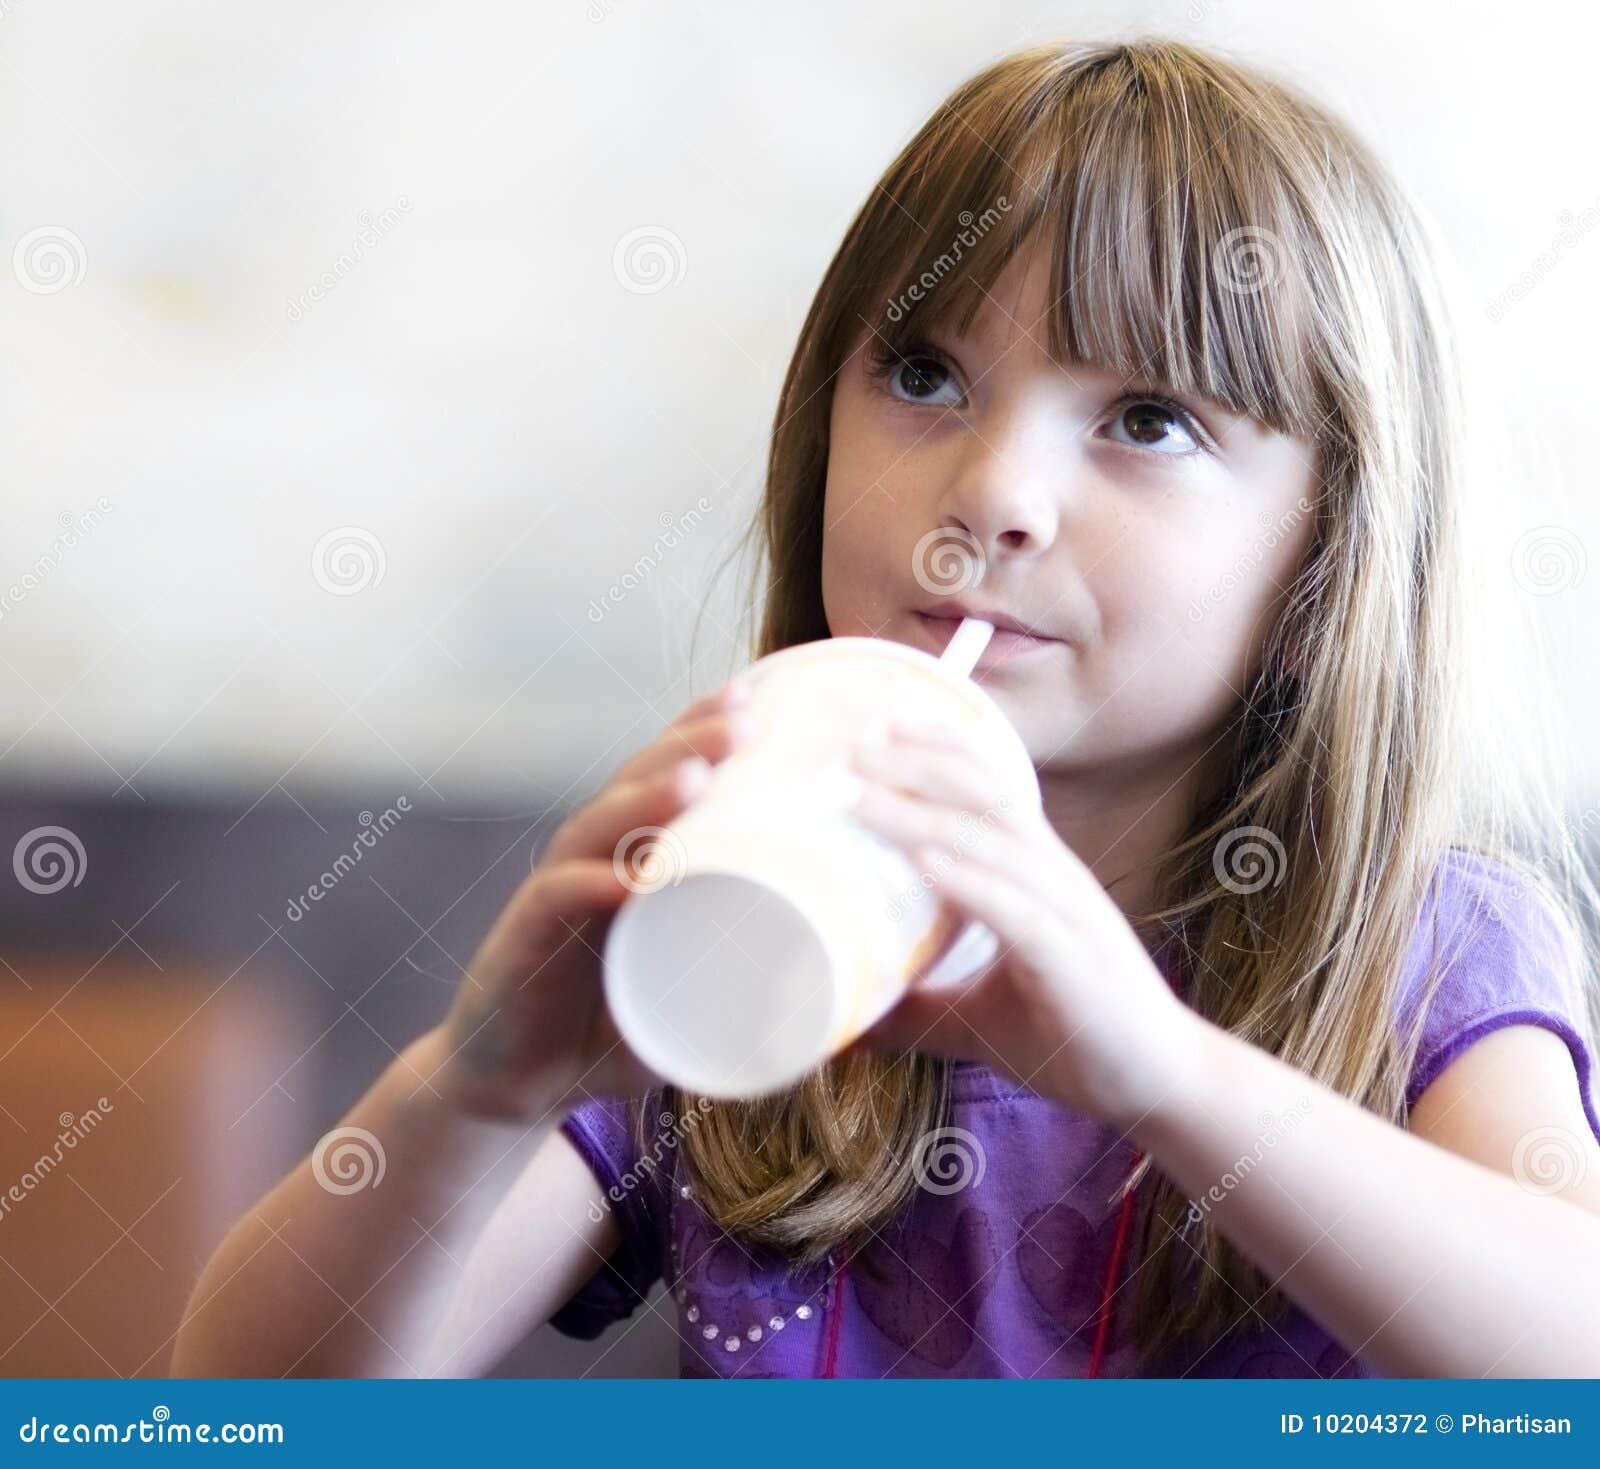 Little girl drinking soda pop